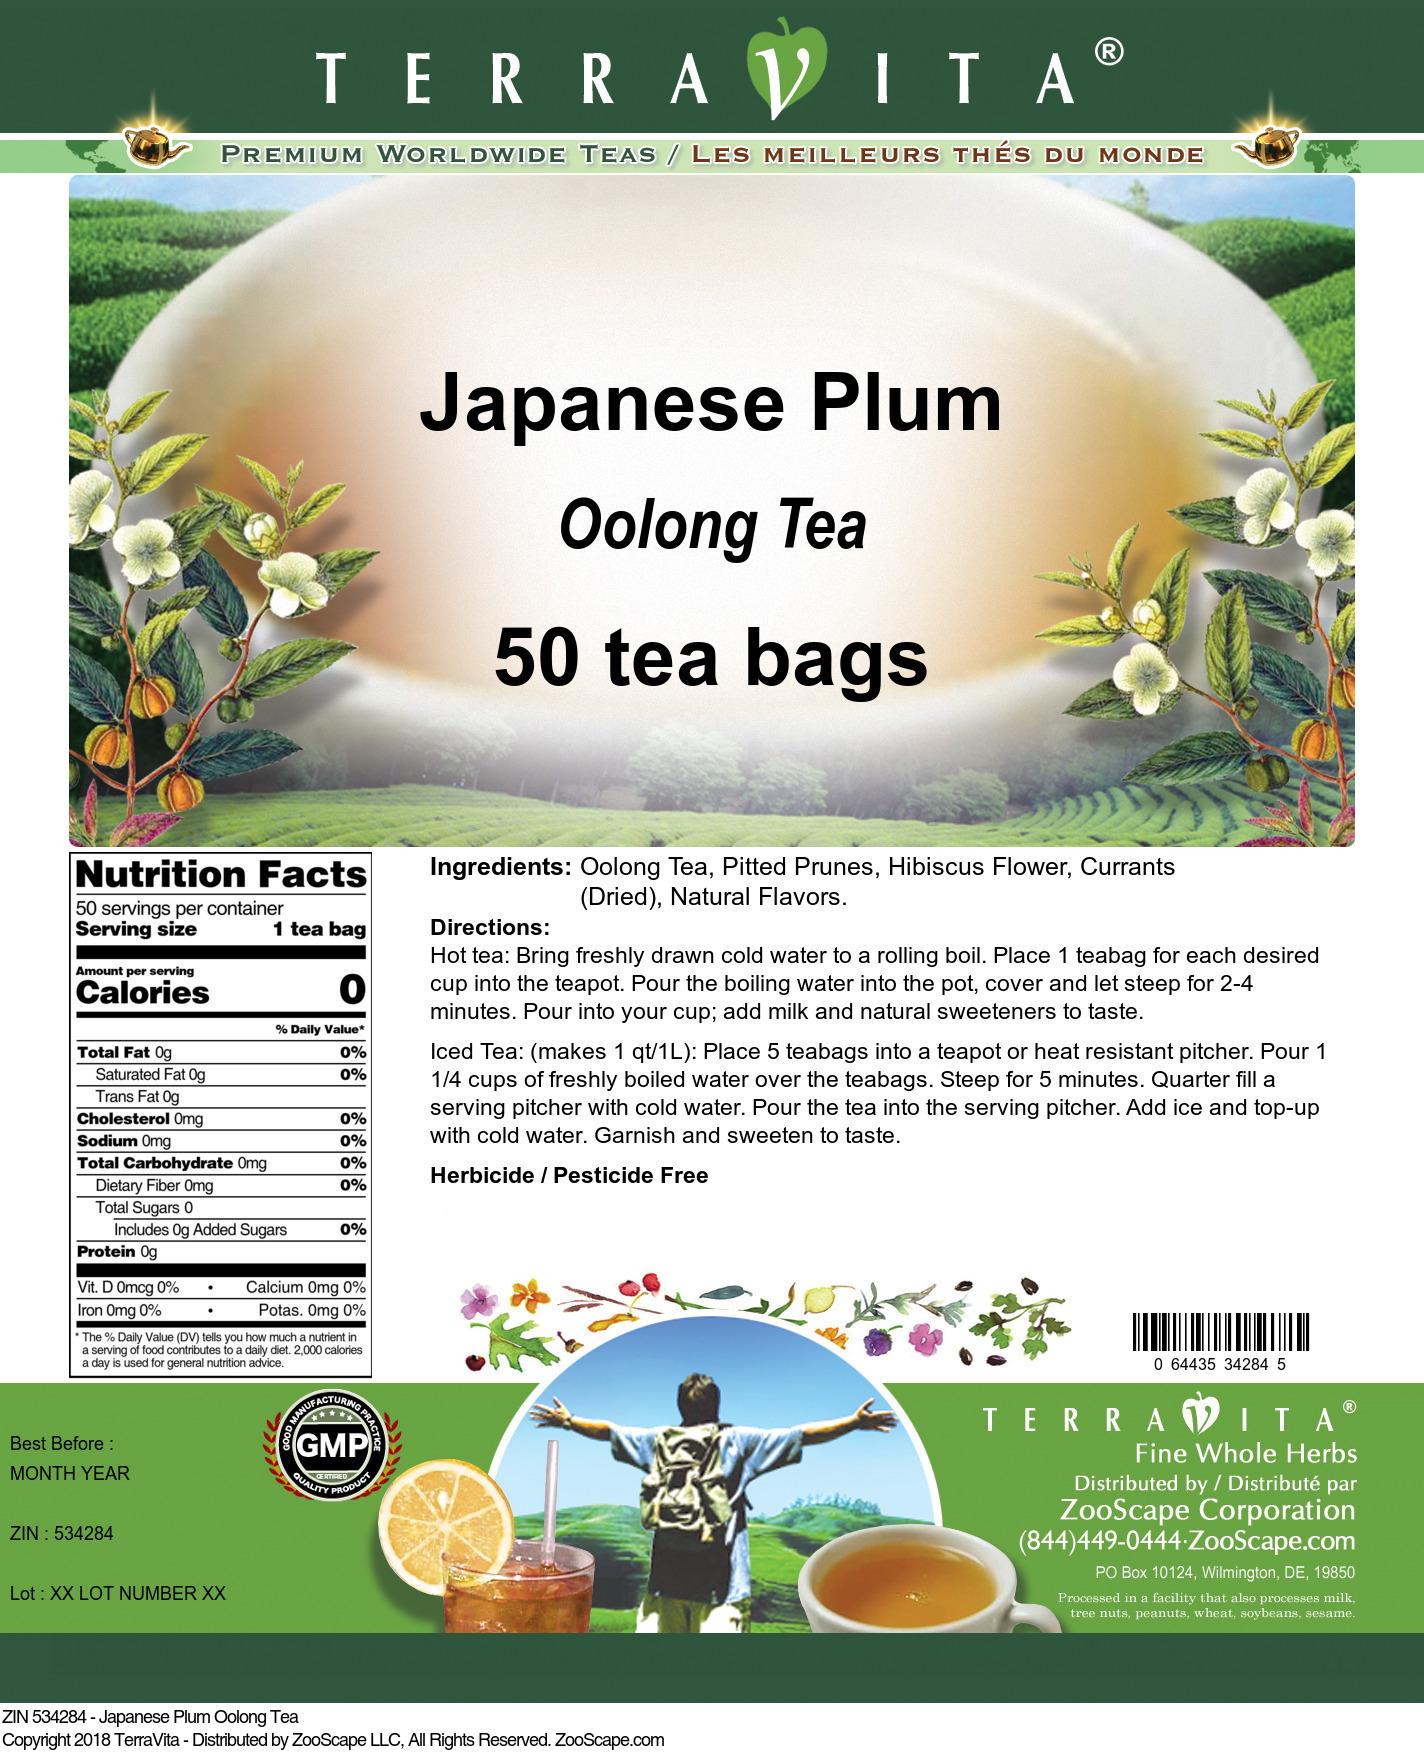 Japanese Plum Oolong Tea